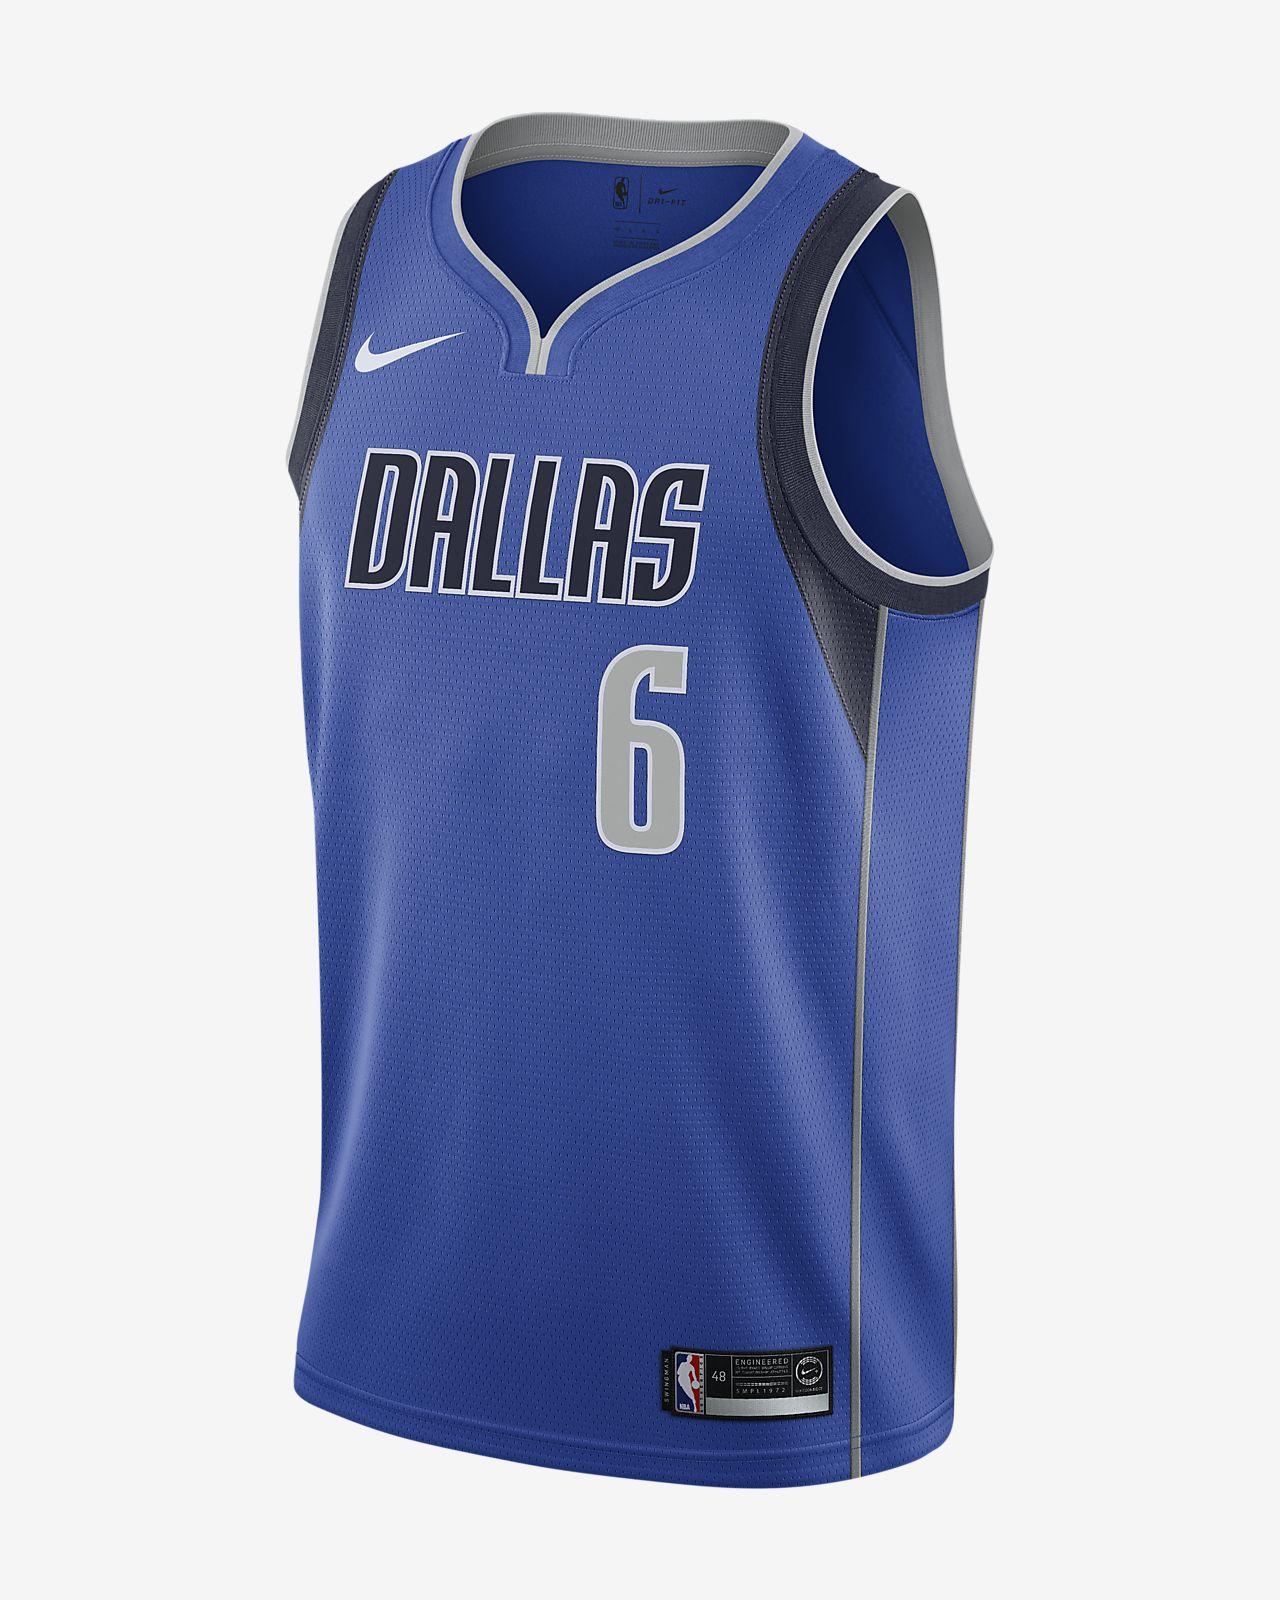 Maillot Nike NBA Swingman Kristaps Porzingis Mavericks Icon Edition pour Homme